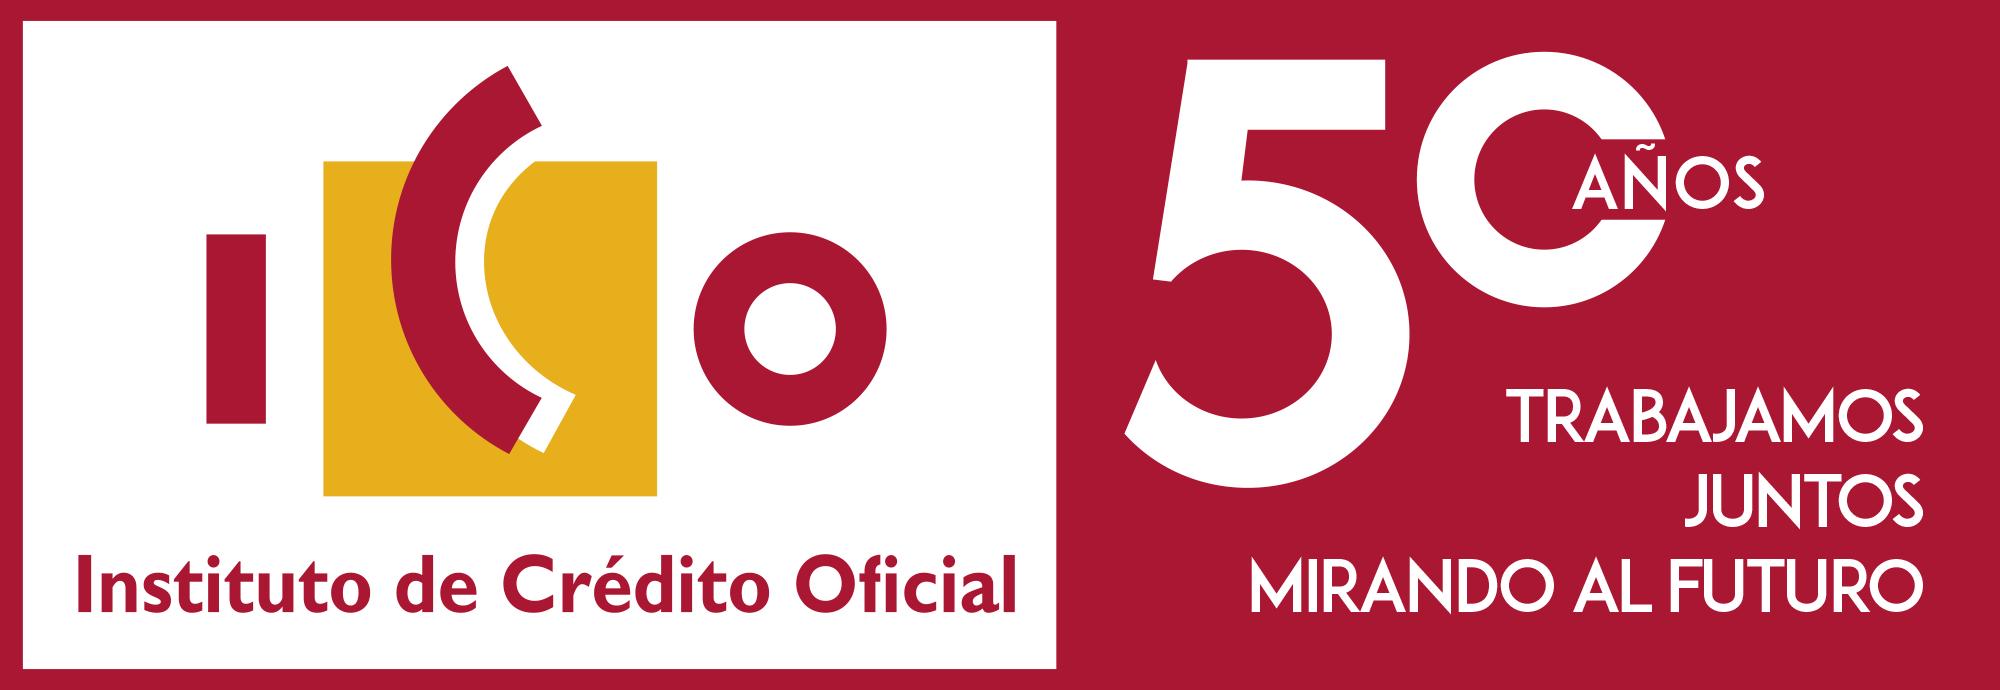 Logo ICO 50 años trabajando juntos mirando al futuro.